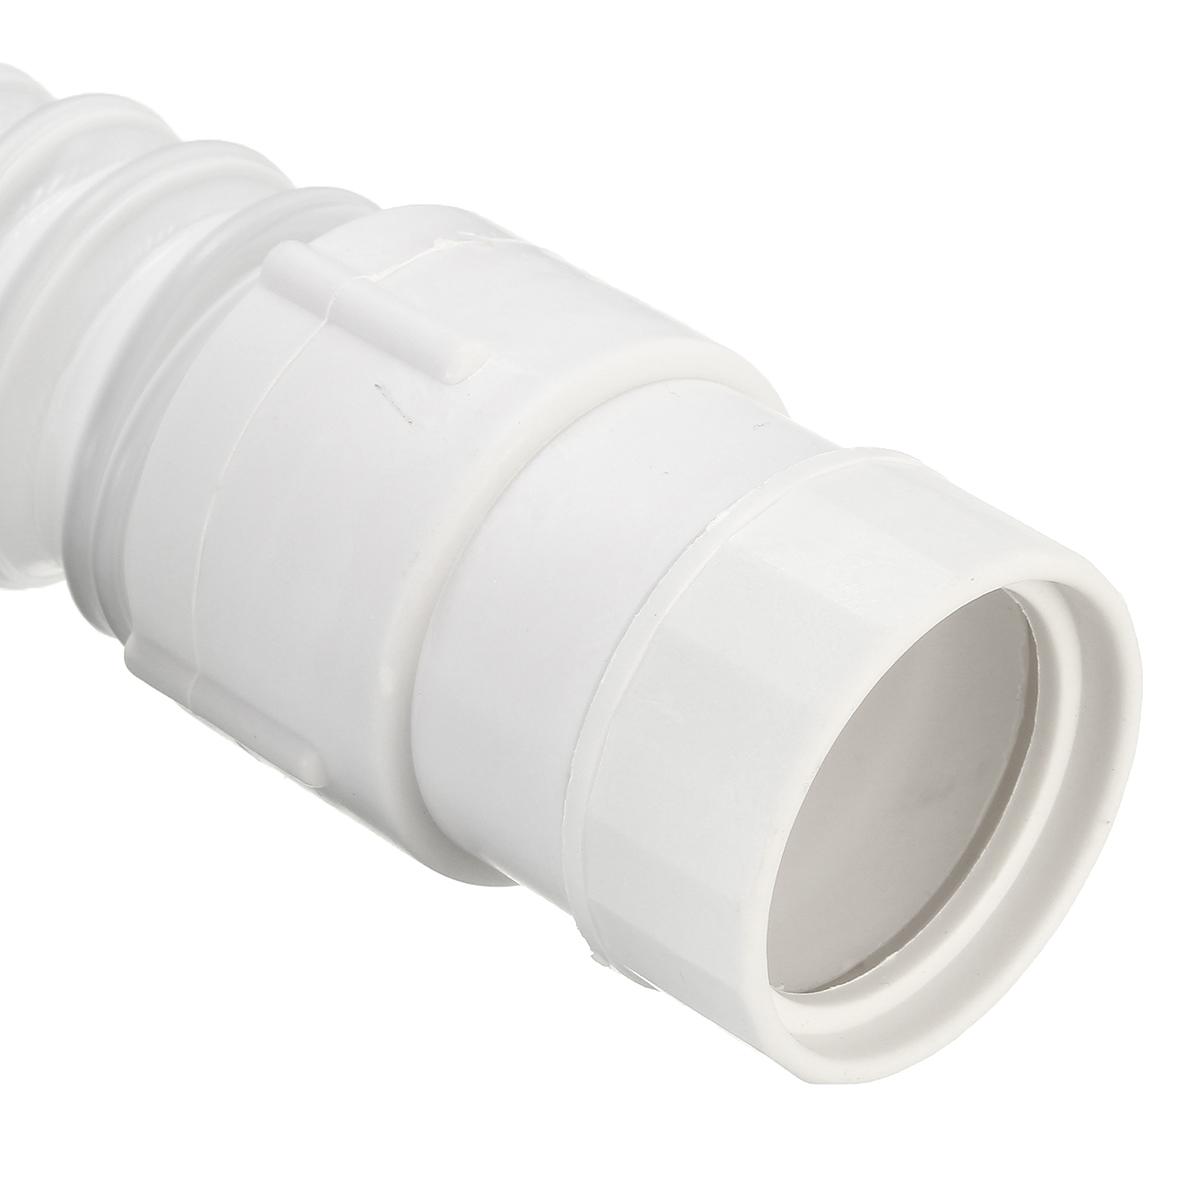 Plastic Sink Basin : 36-75cm White Plastic Basin Sink Hose Adjustable Waste Pipe Alex NLD